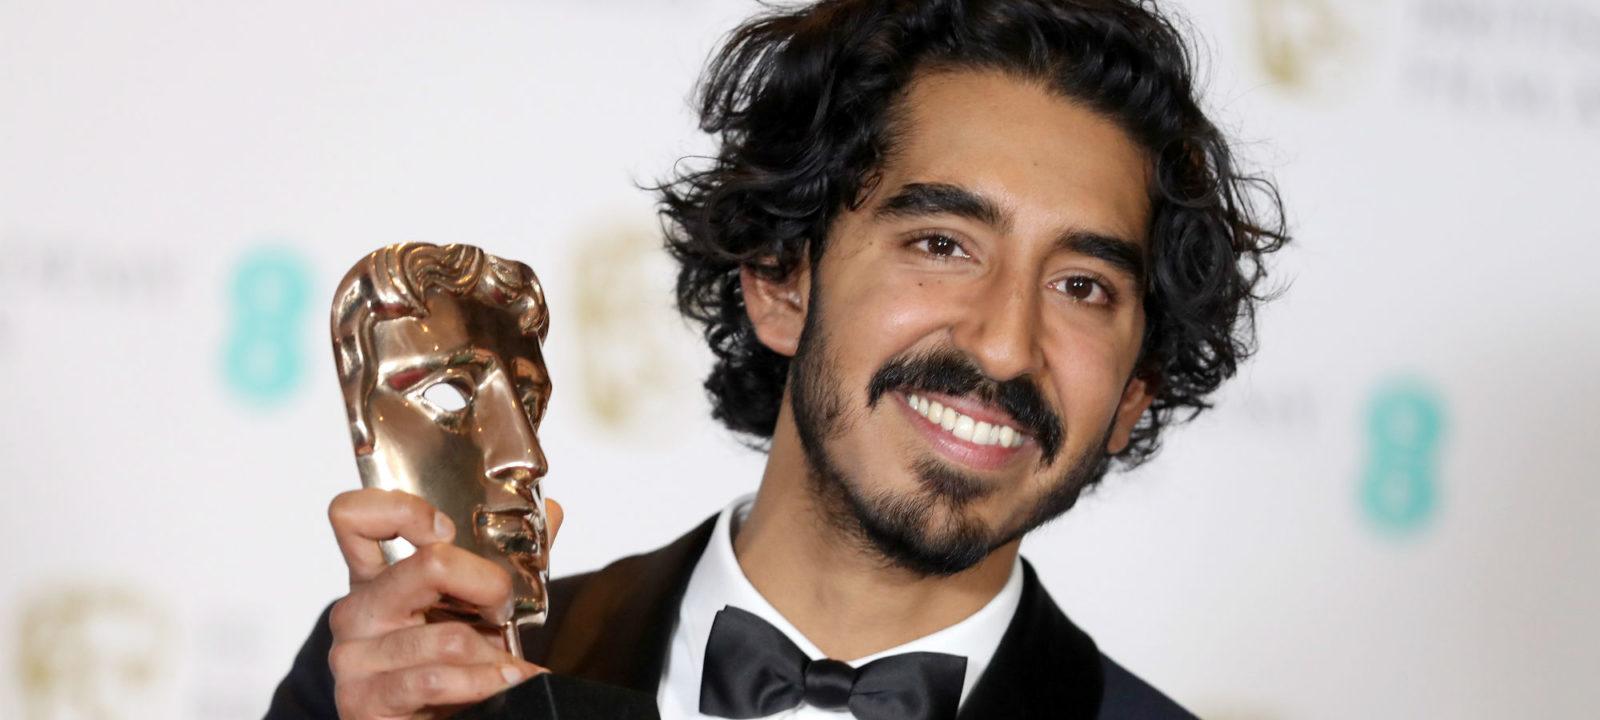 Dev Patel at BAFTA Film Awards